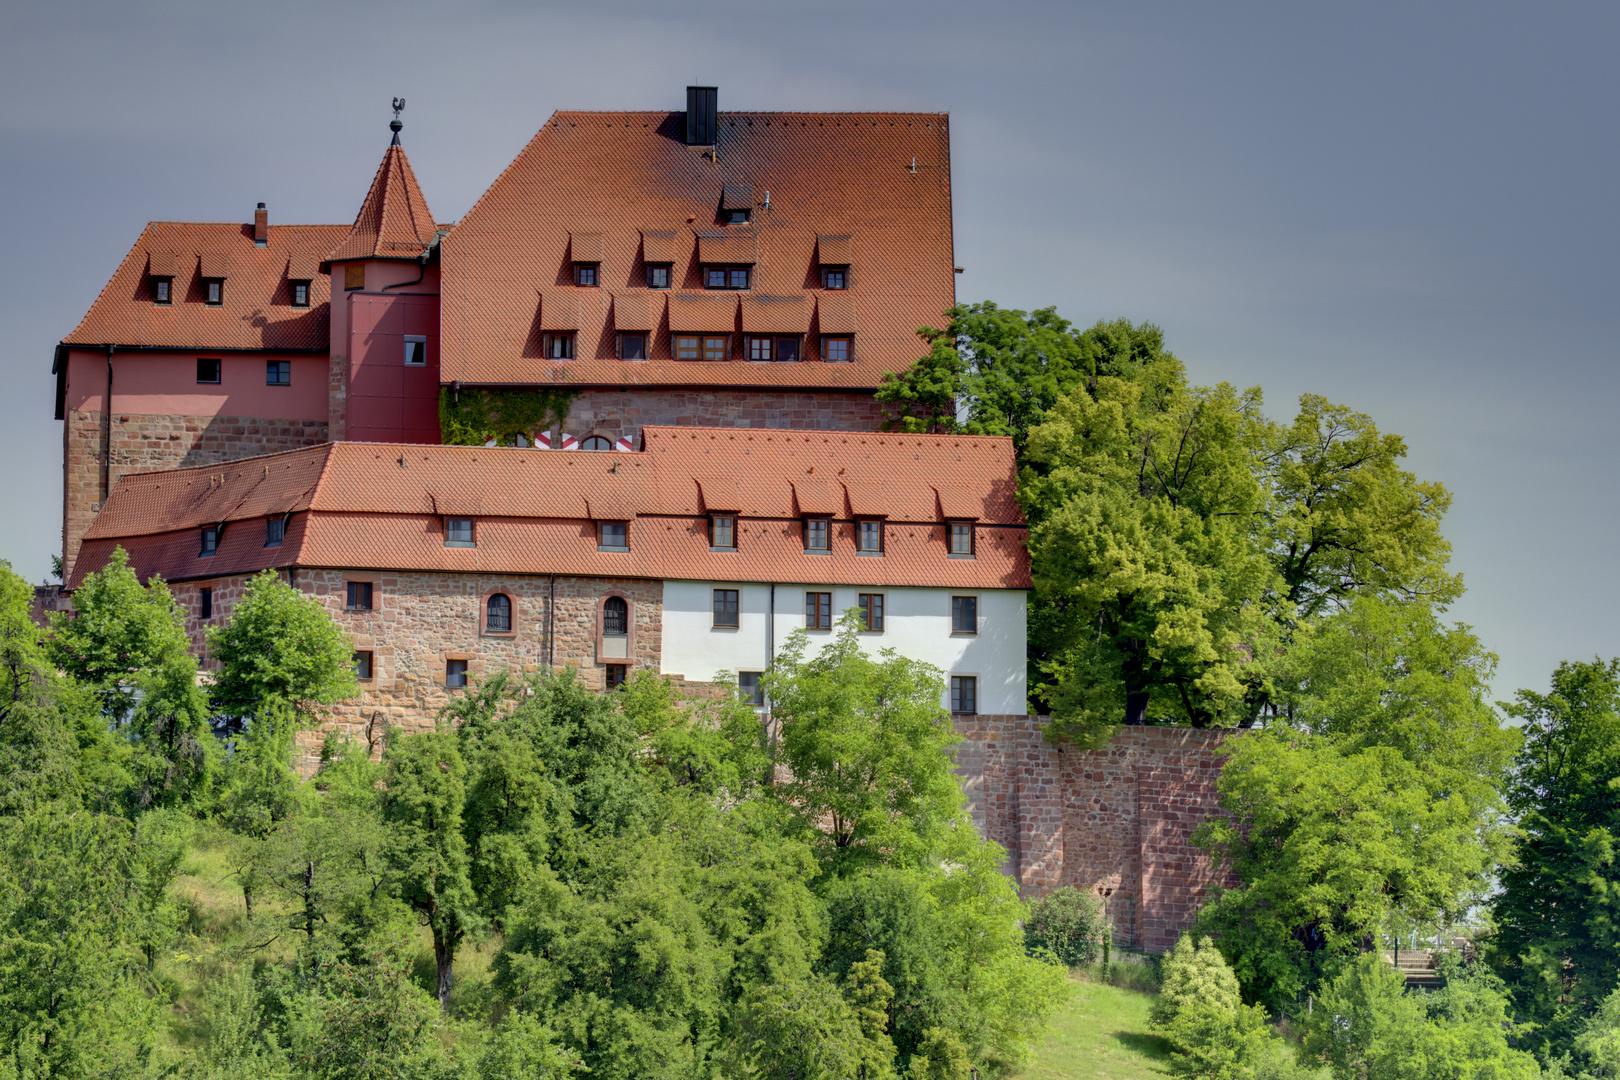 Burg Wernfels Impressionen (1)